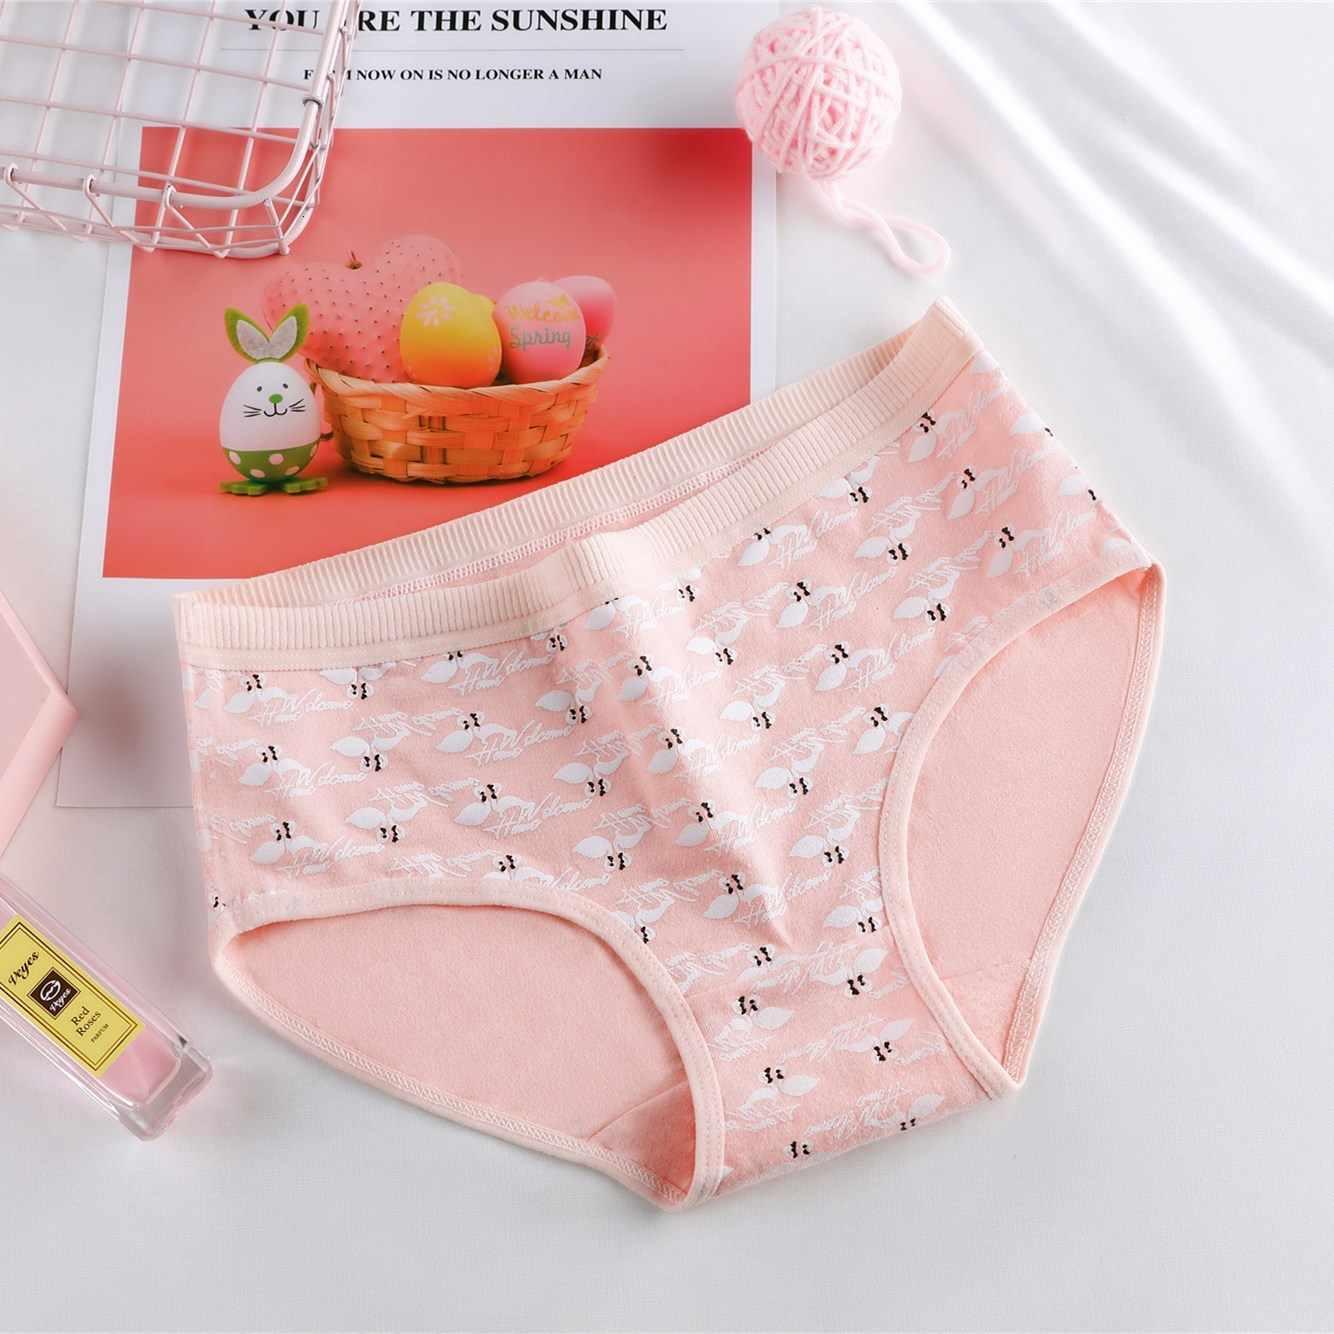 Baru Celana Dalam untuk Wanita Katun Pola Flamingo Cetak Lucu Pakaian Dalam Seperti Celana Kartun Pakaian Dalam Wanita Celana Dalam Wanita Celana Dalam